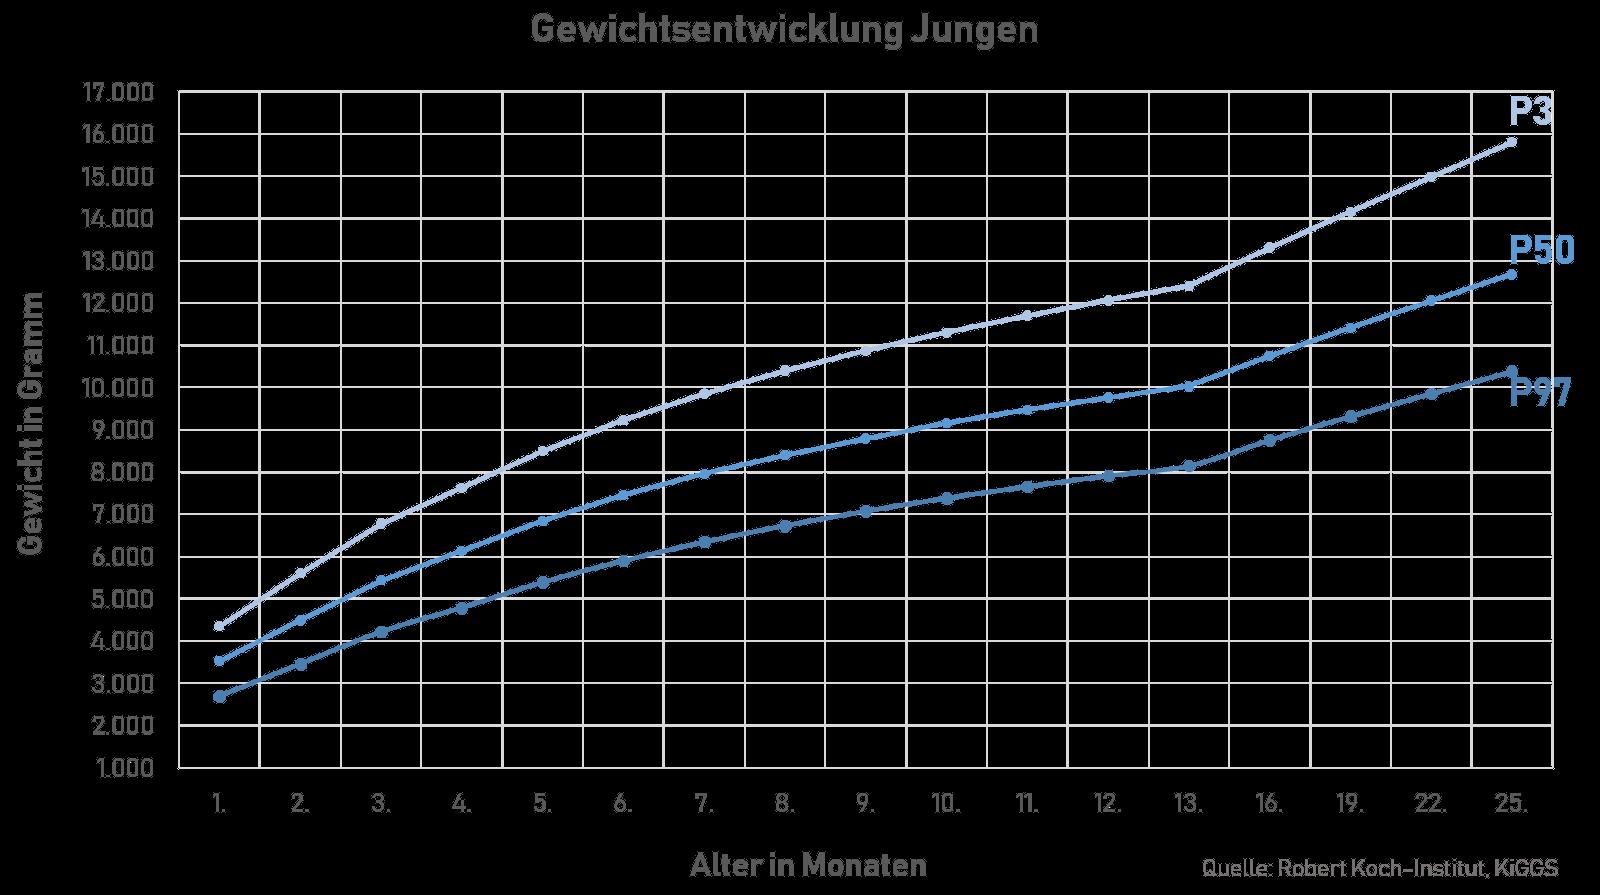 Wachstumskurve von Jungen in den ersten 24 Monaten.